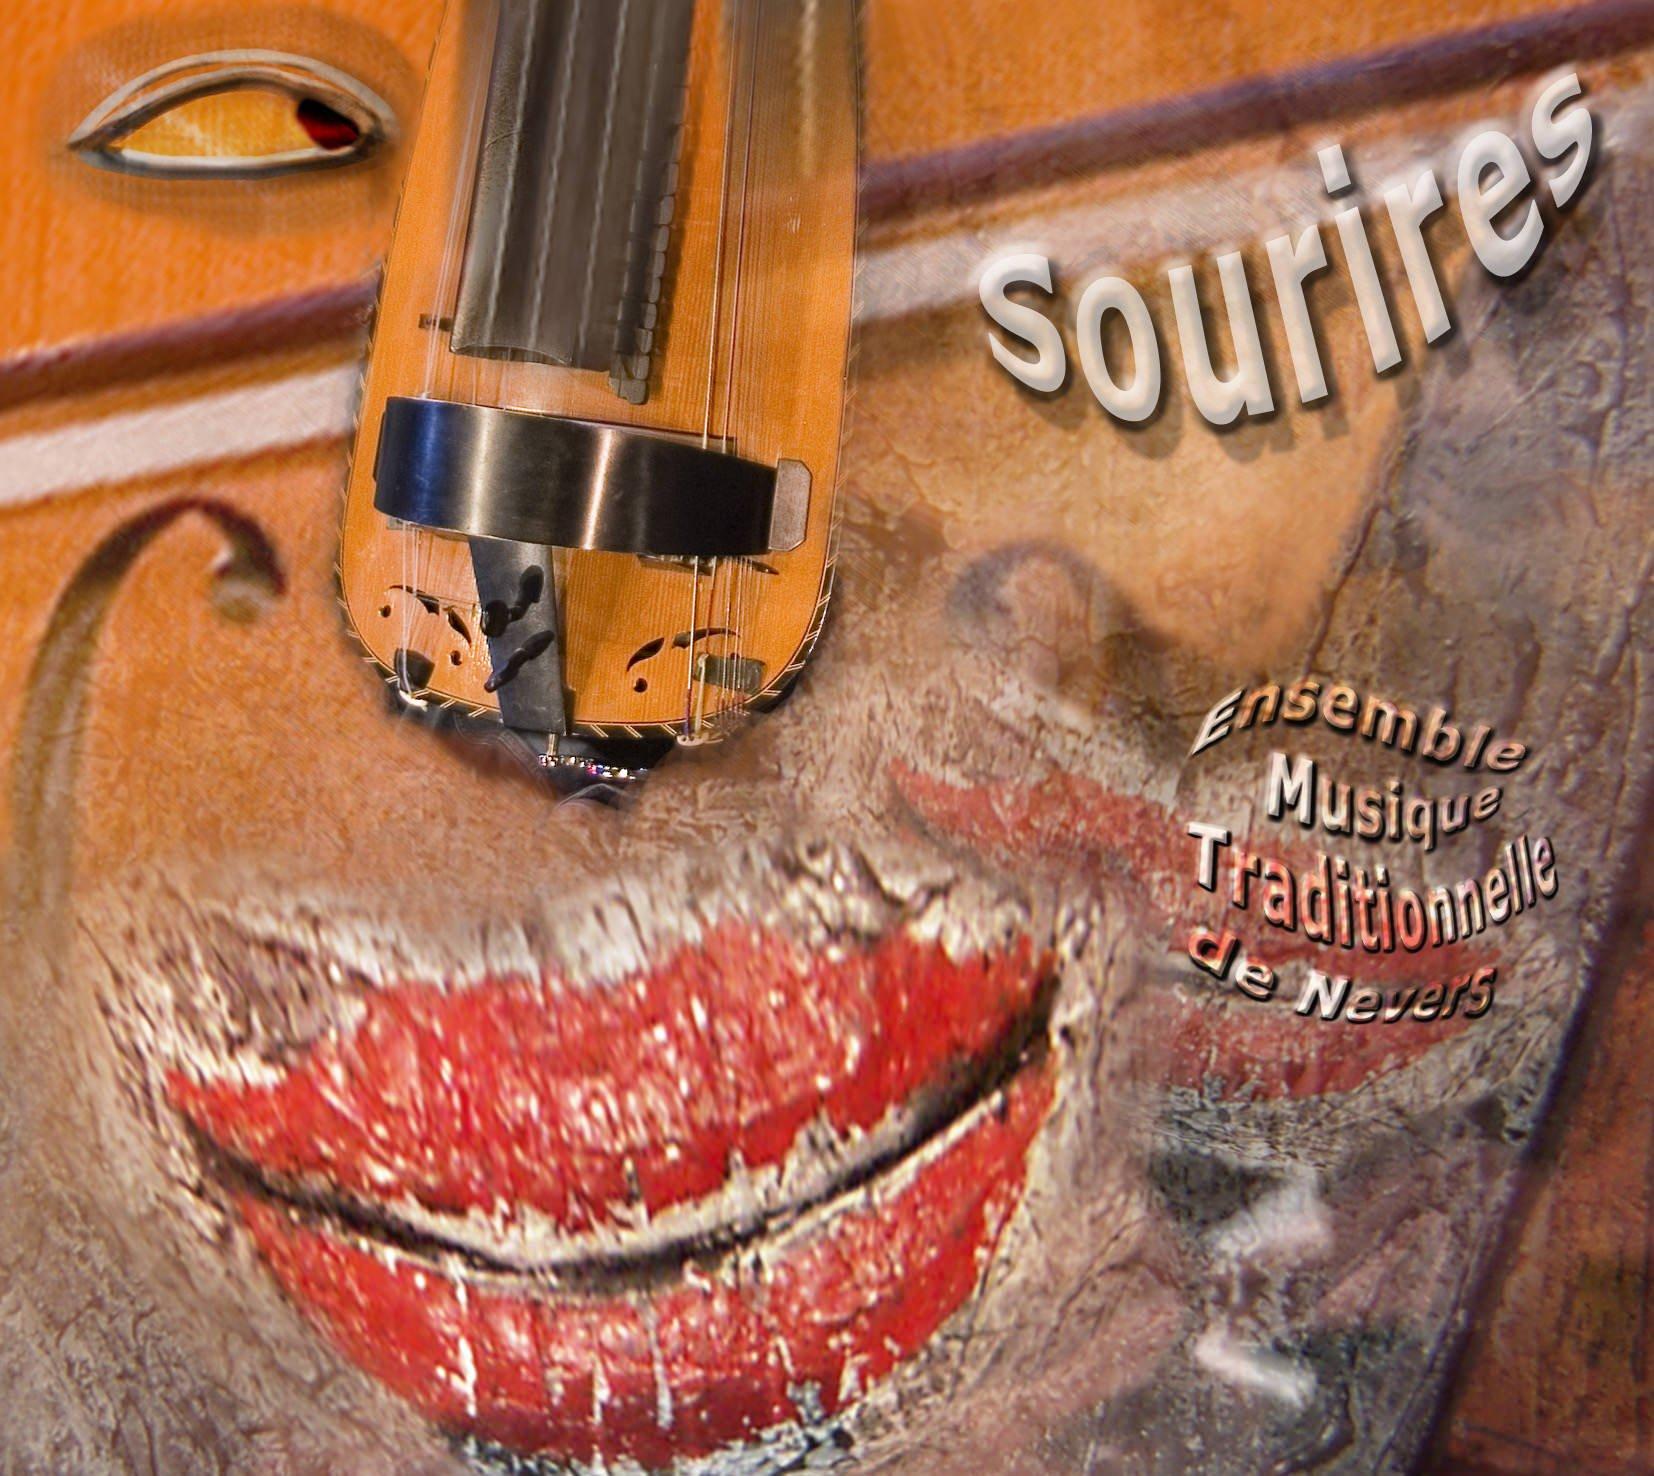 2007 – « Sourires » Ensemble Musique Traditionnelle de Nevers Direction et composition musicales Dominique Forges Prod. AMTCN